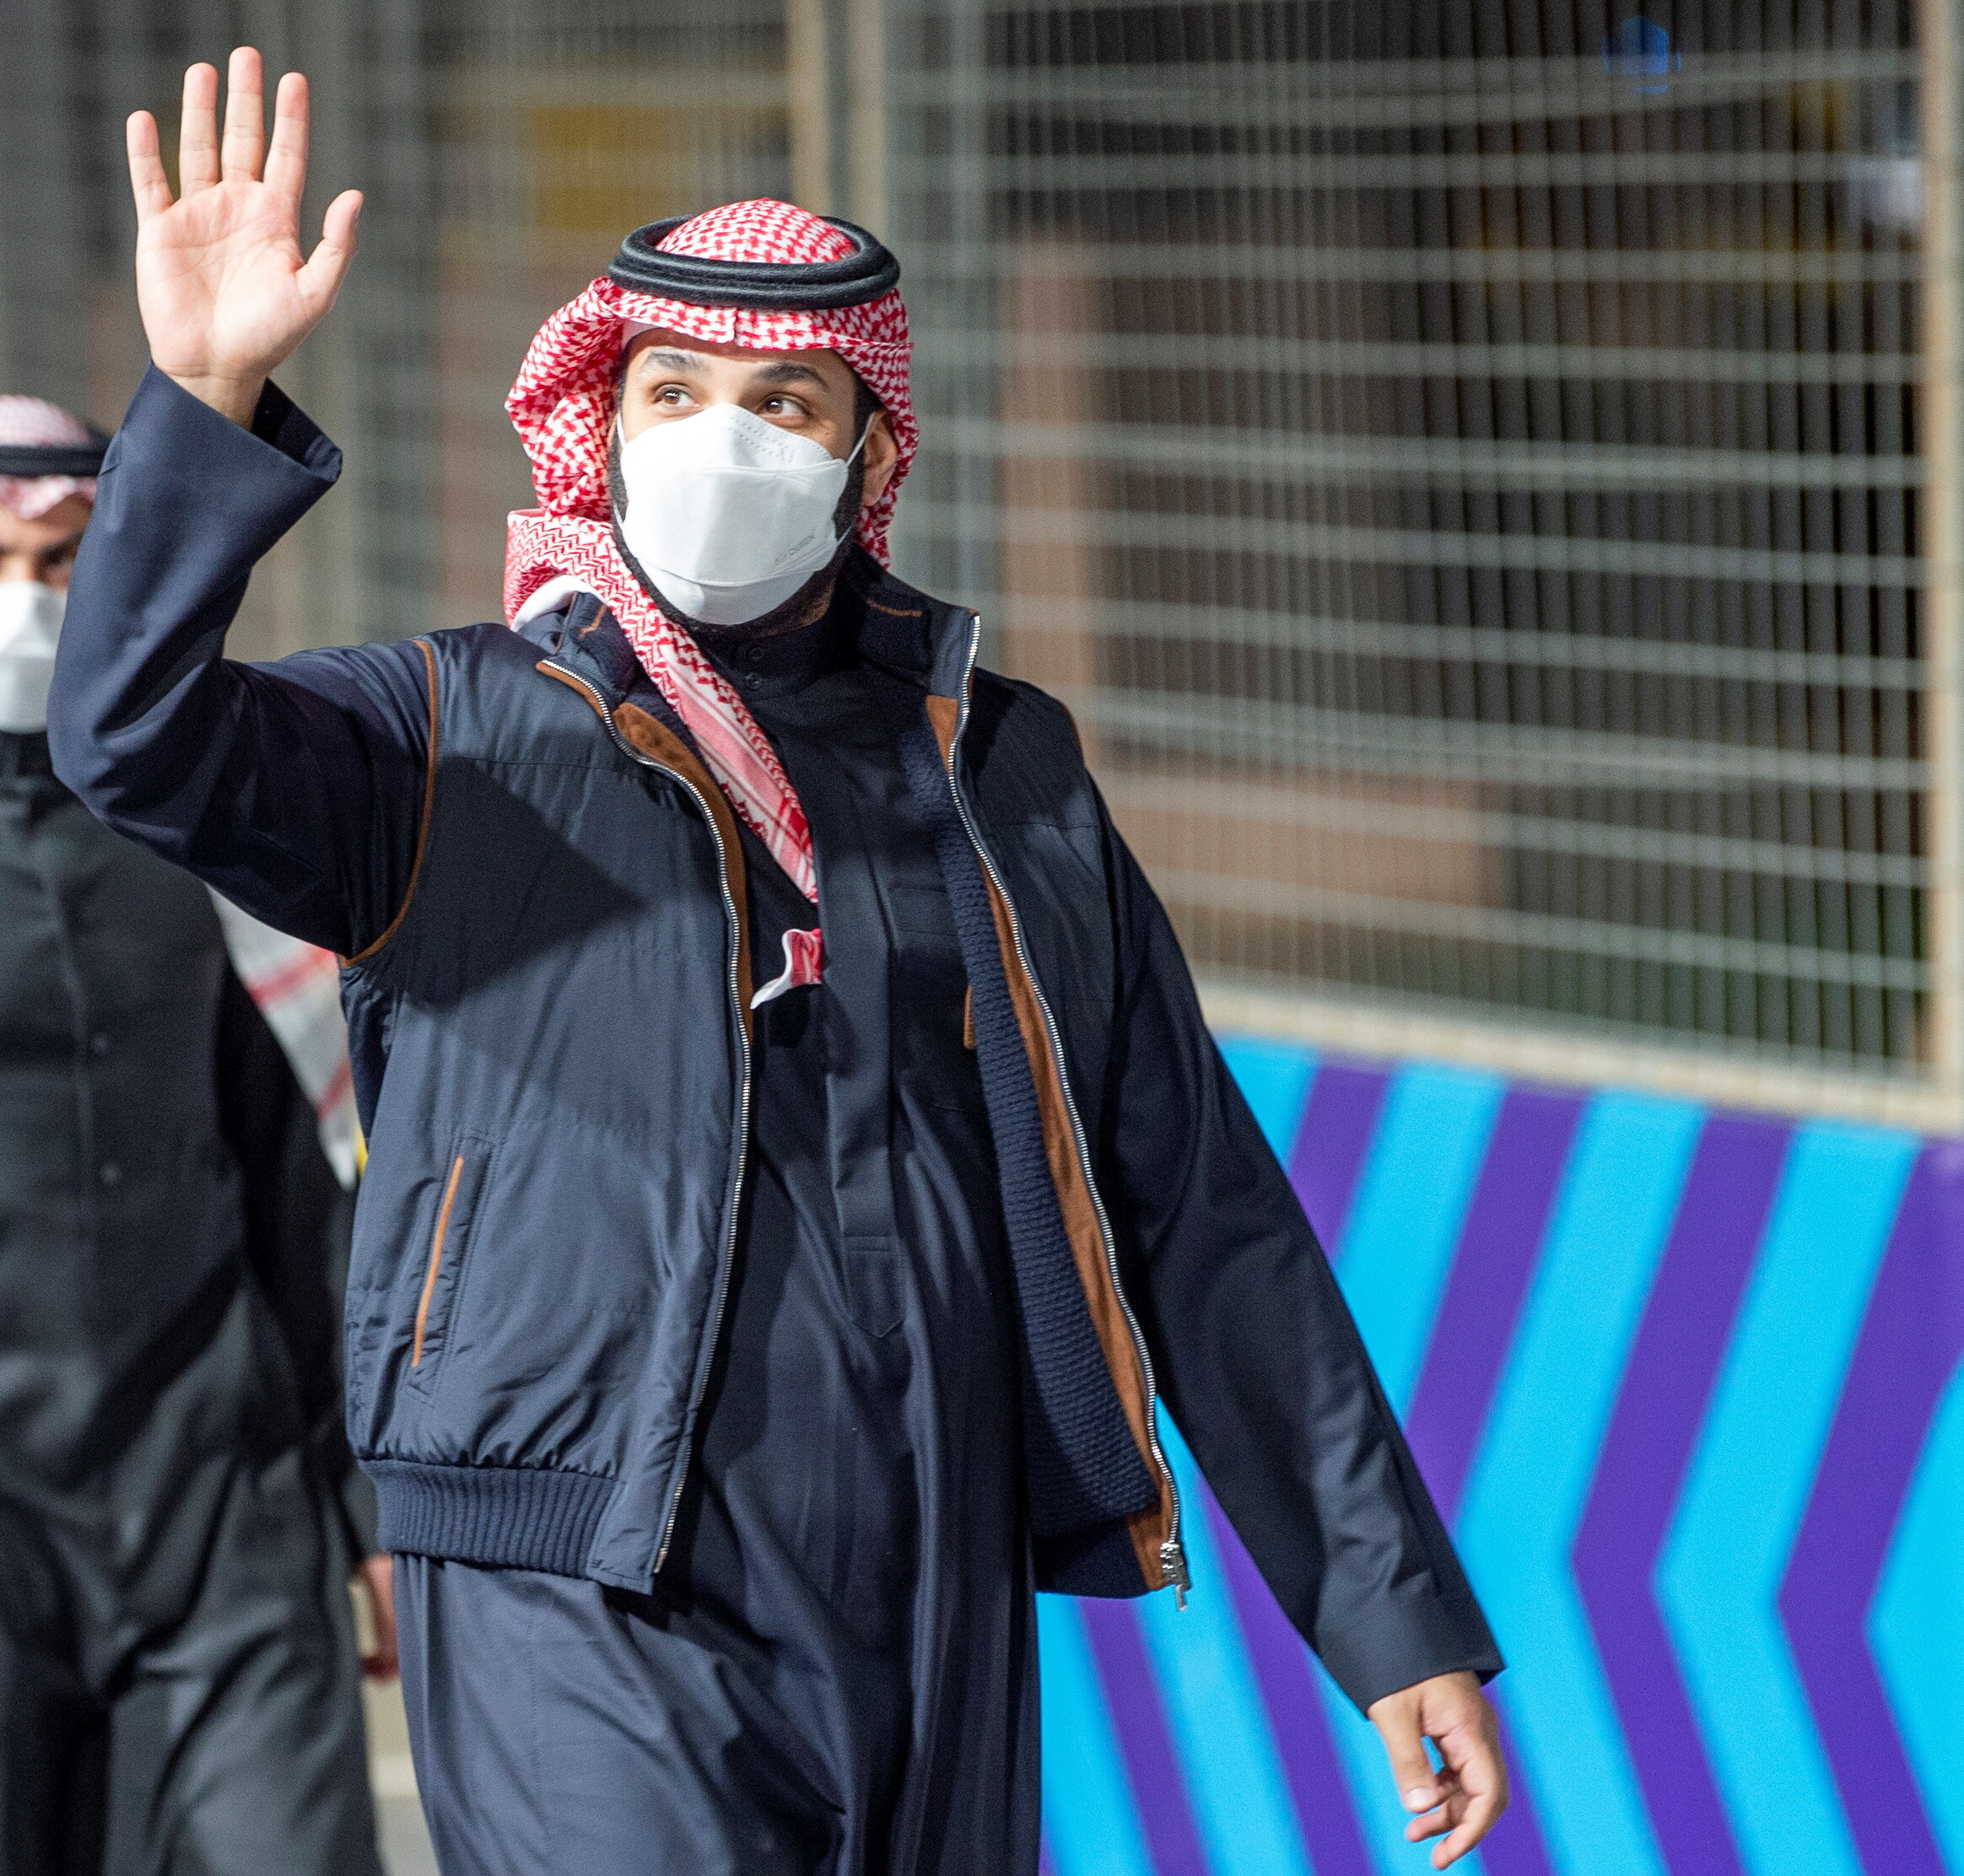 Гонка Формулы-Е в Саудовской Аравии подверглась ракетному удару. Целились в наследного принца